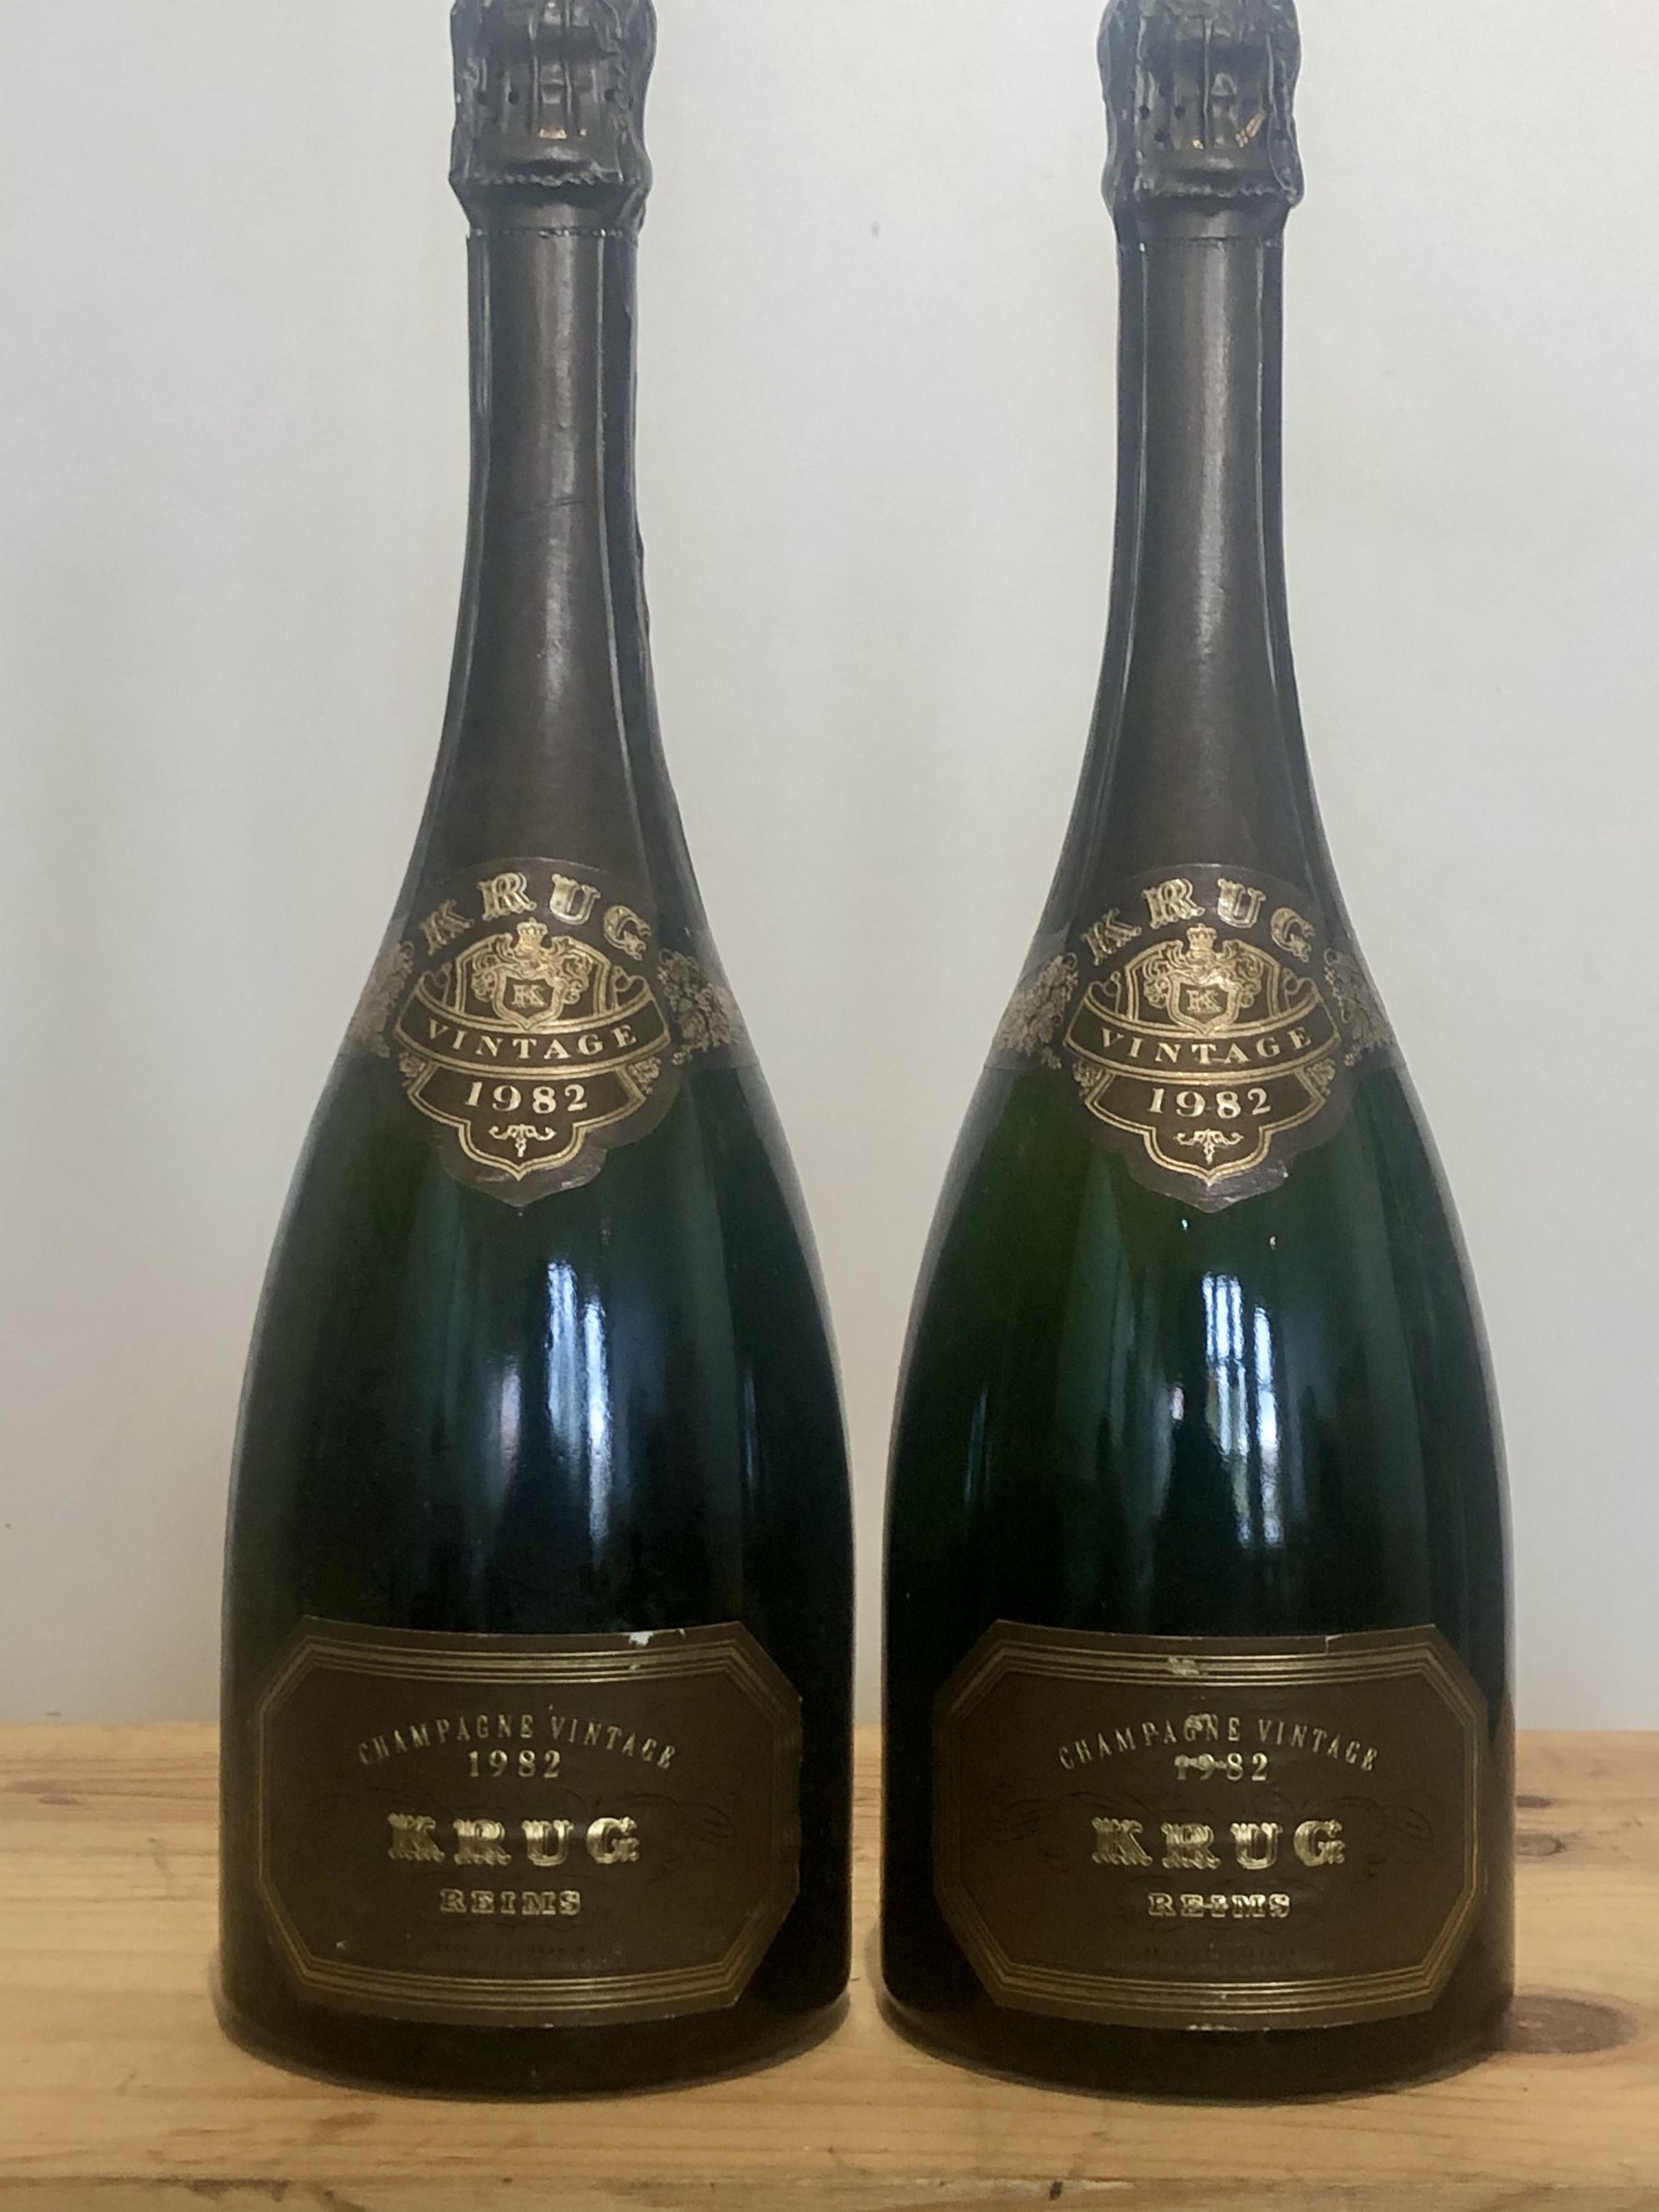 2 bottles Champagne Krug Vintage 1982